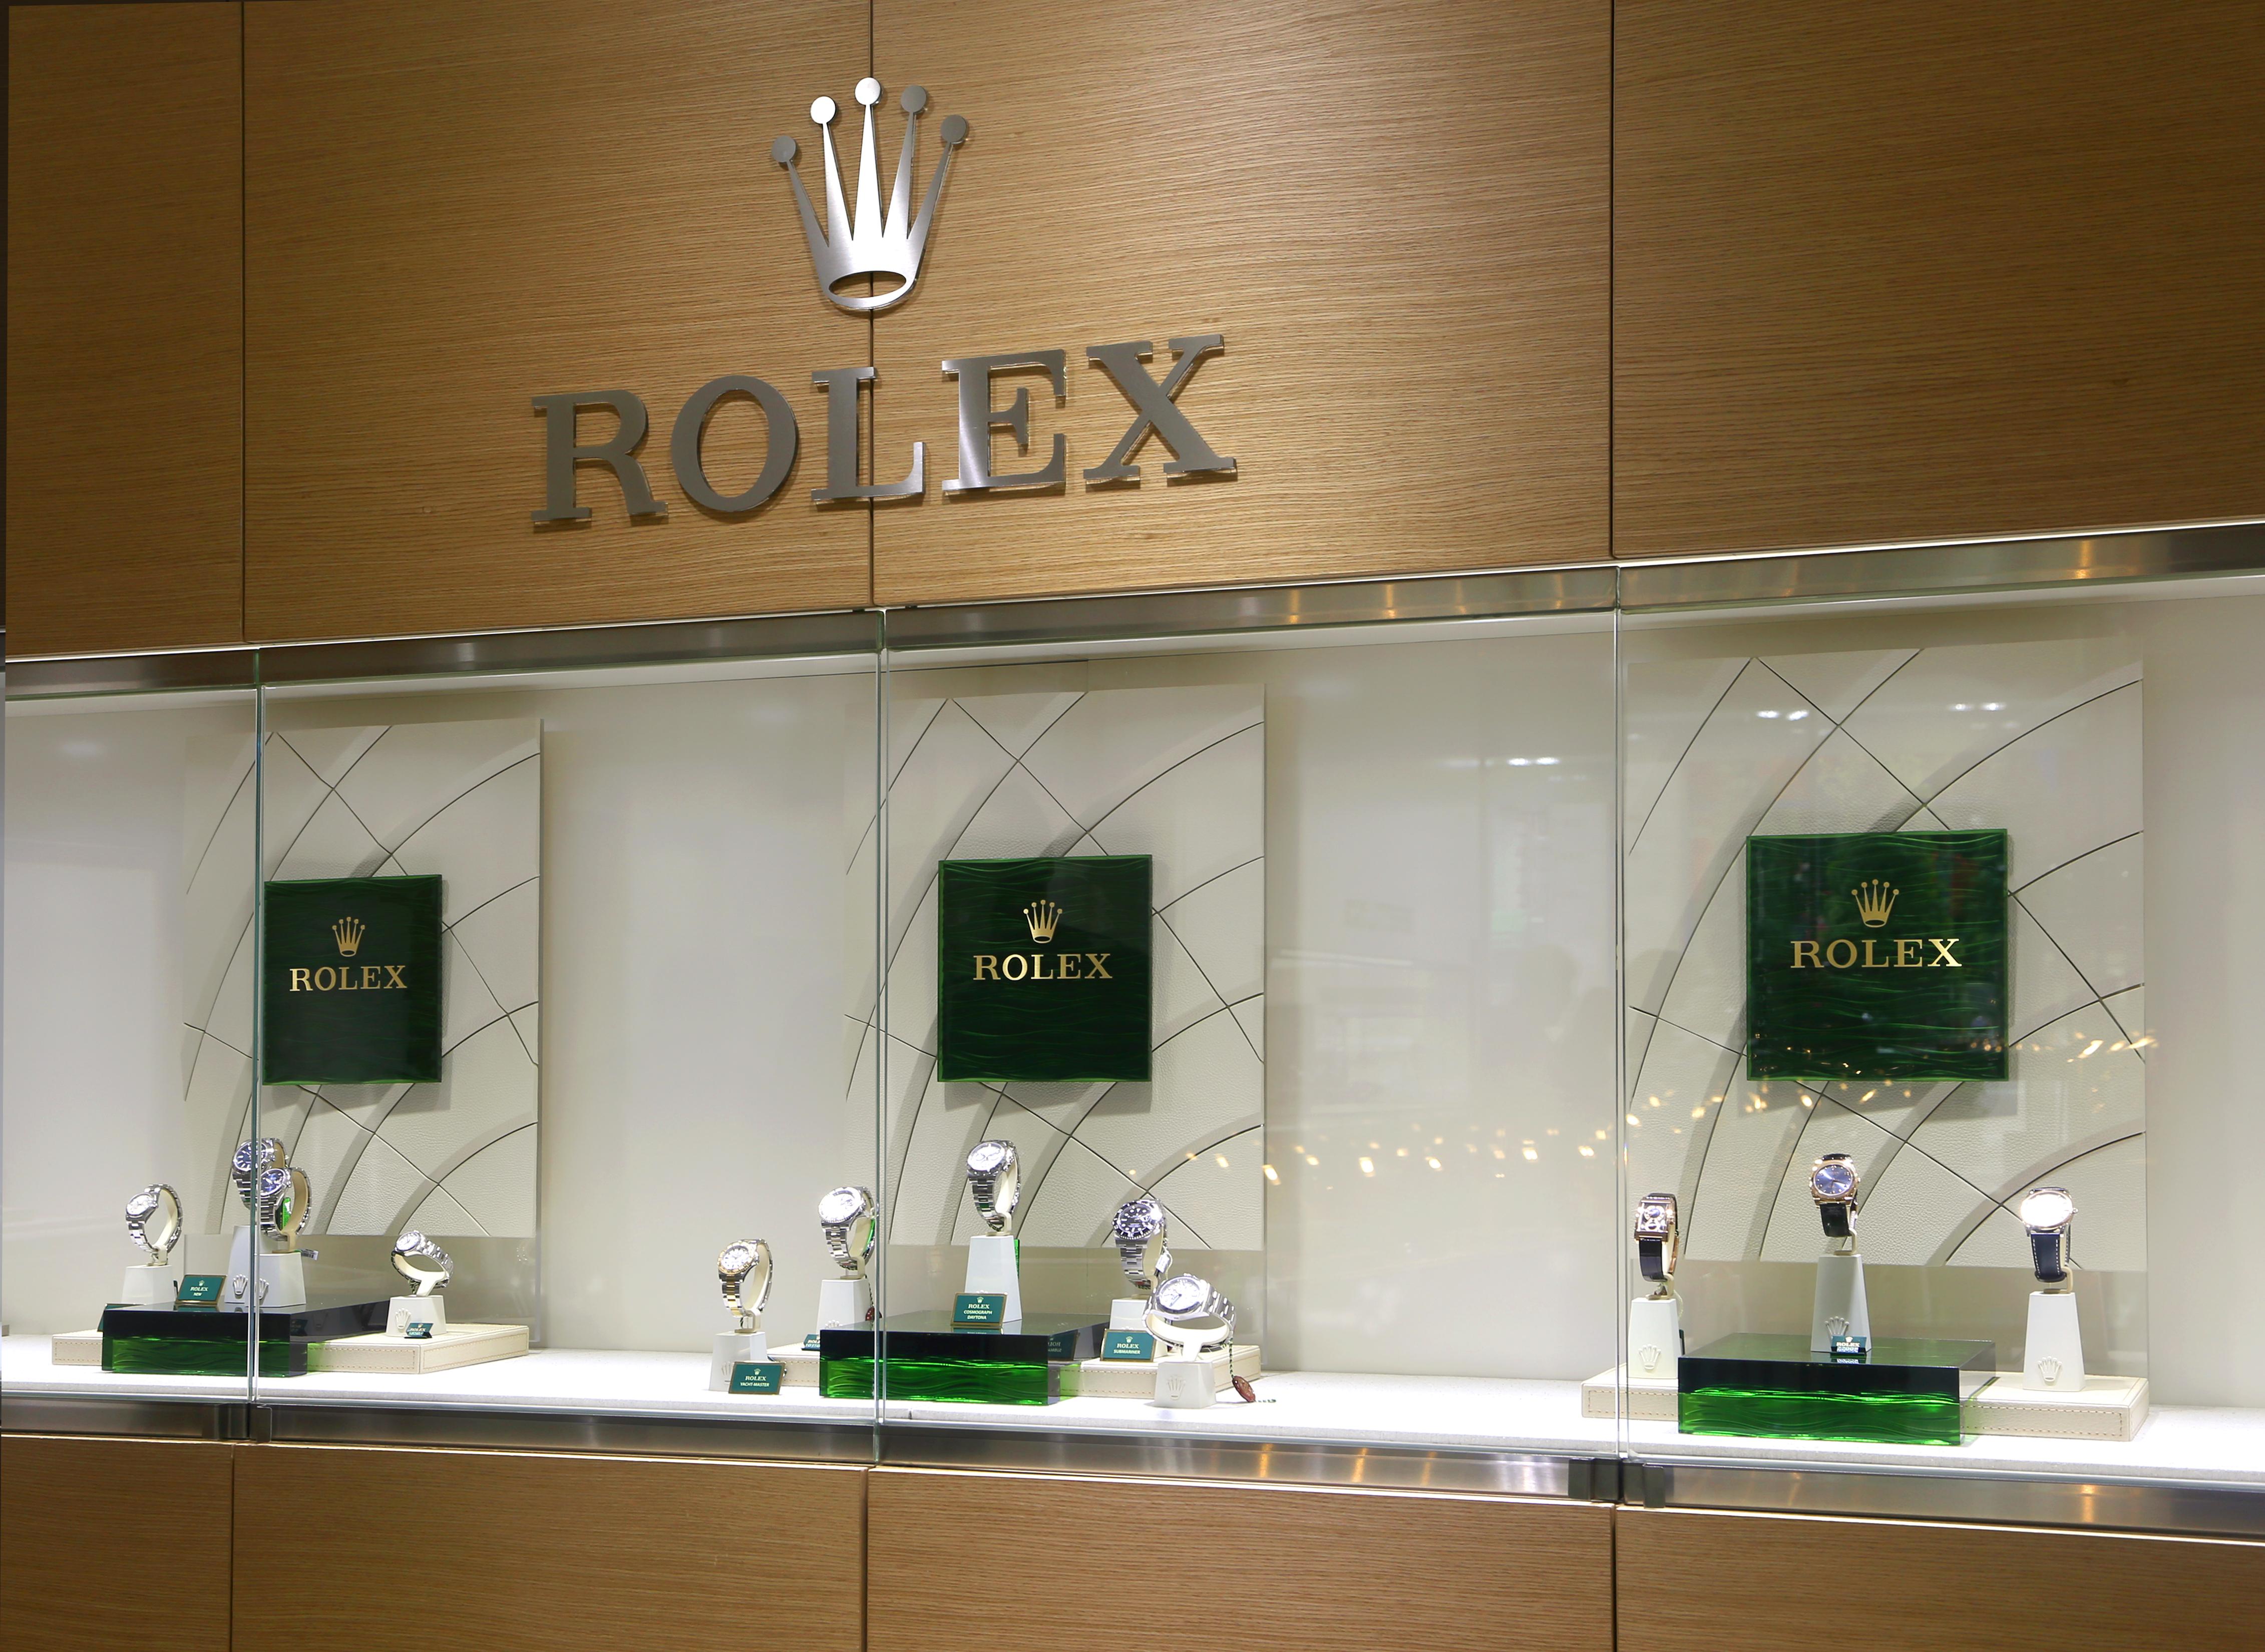 Exposición Rolex Joyería Suiza Vigo